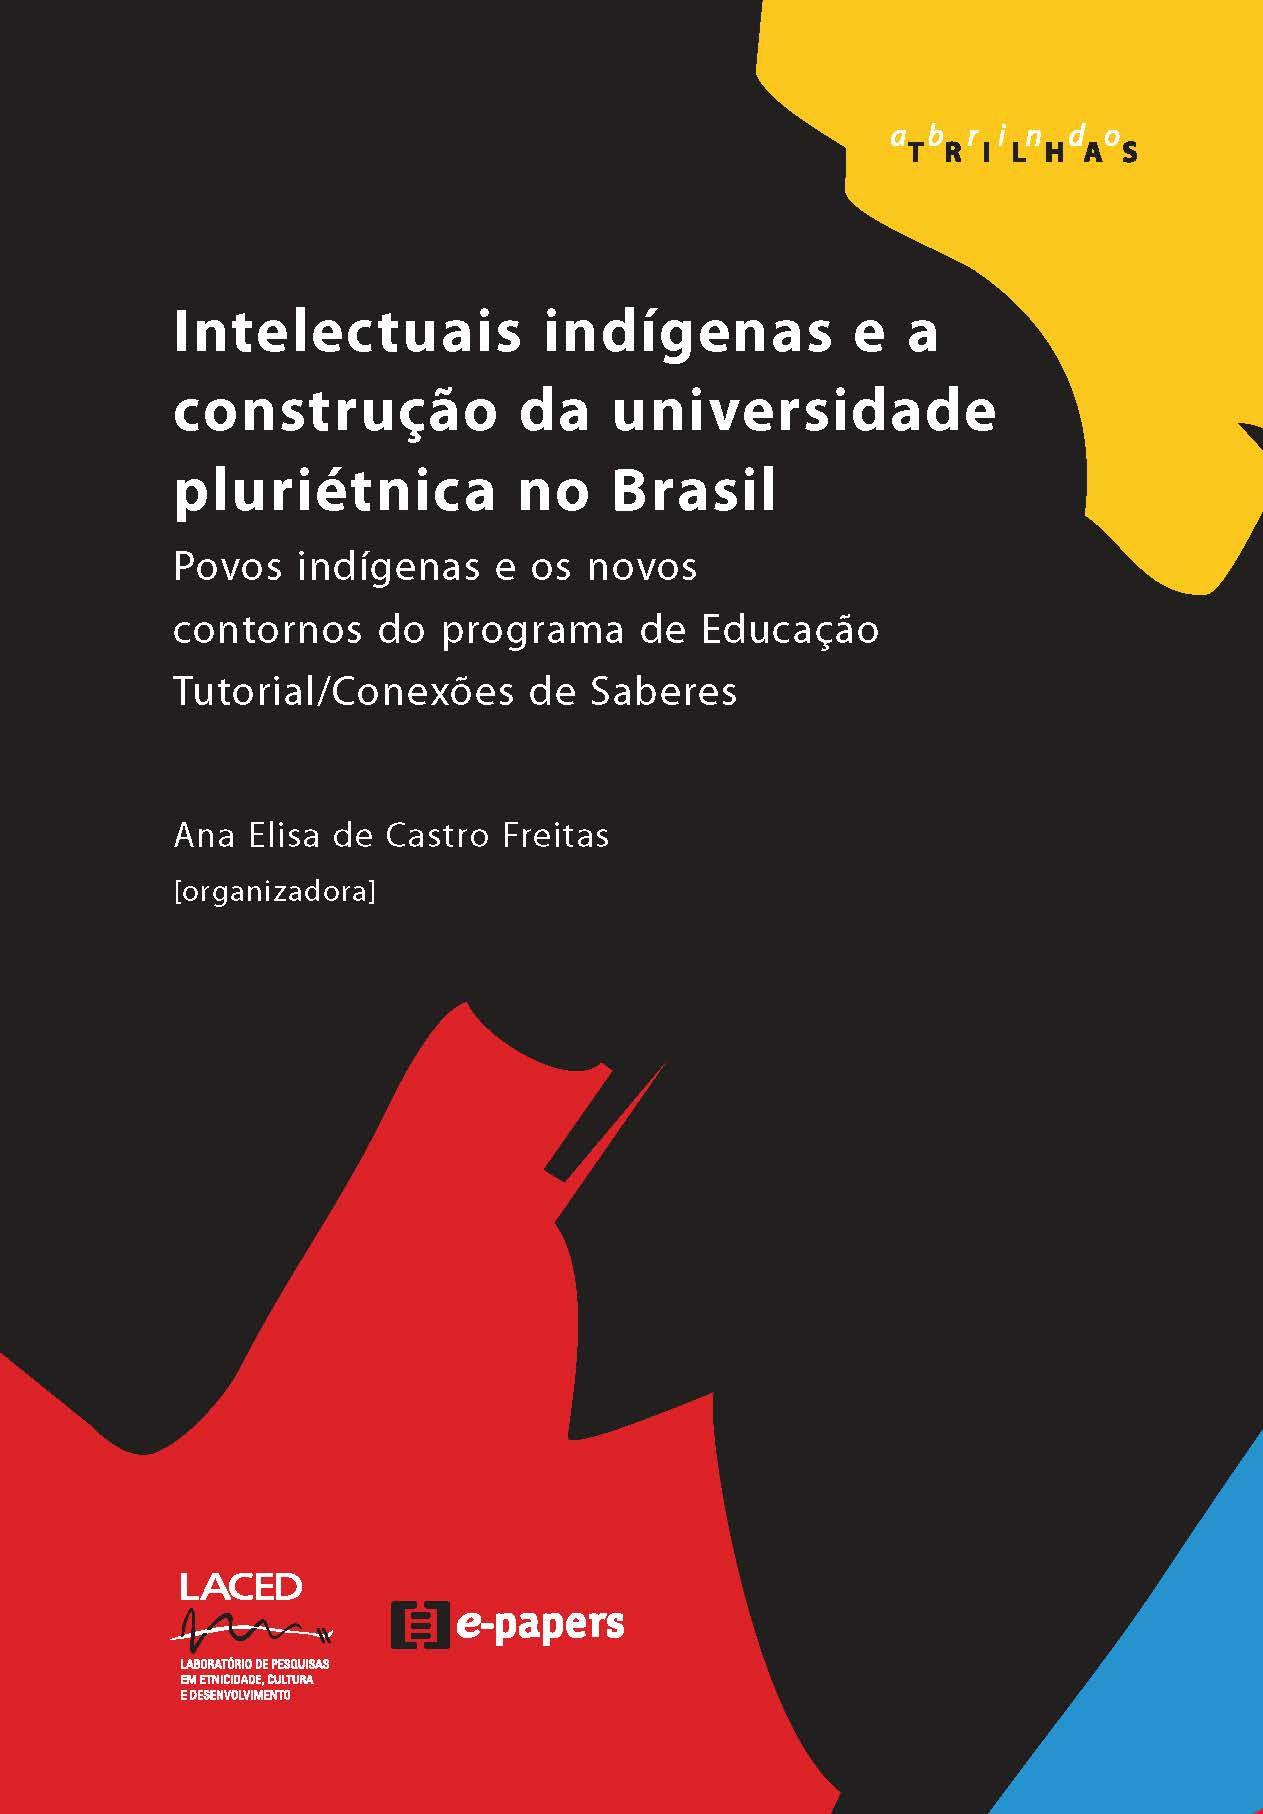 Intelectuais indígenas e a construção da universidade pluriétnica no Brasil: Povos indígenas e os novos contornos do Programa de Educação Tutorial